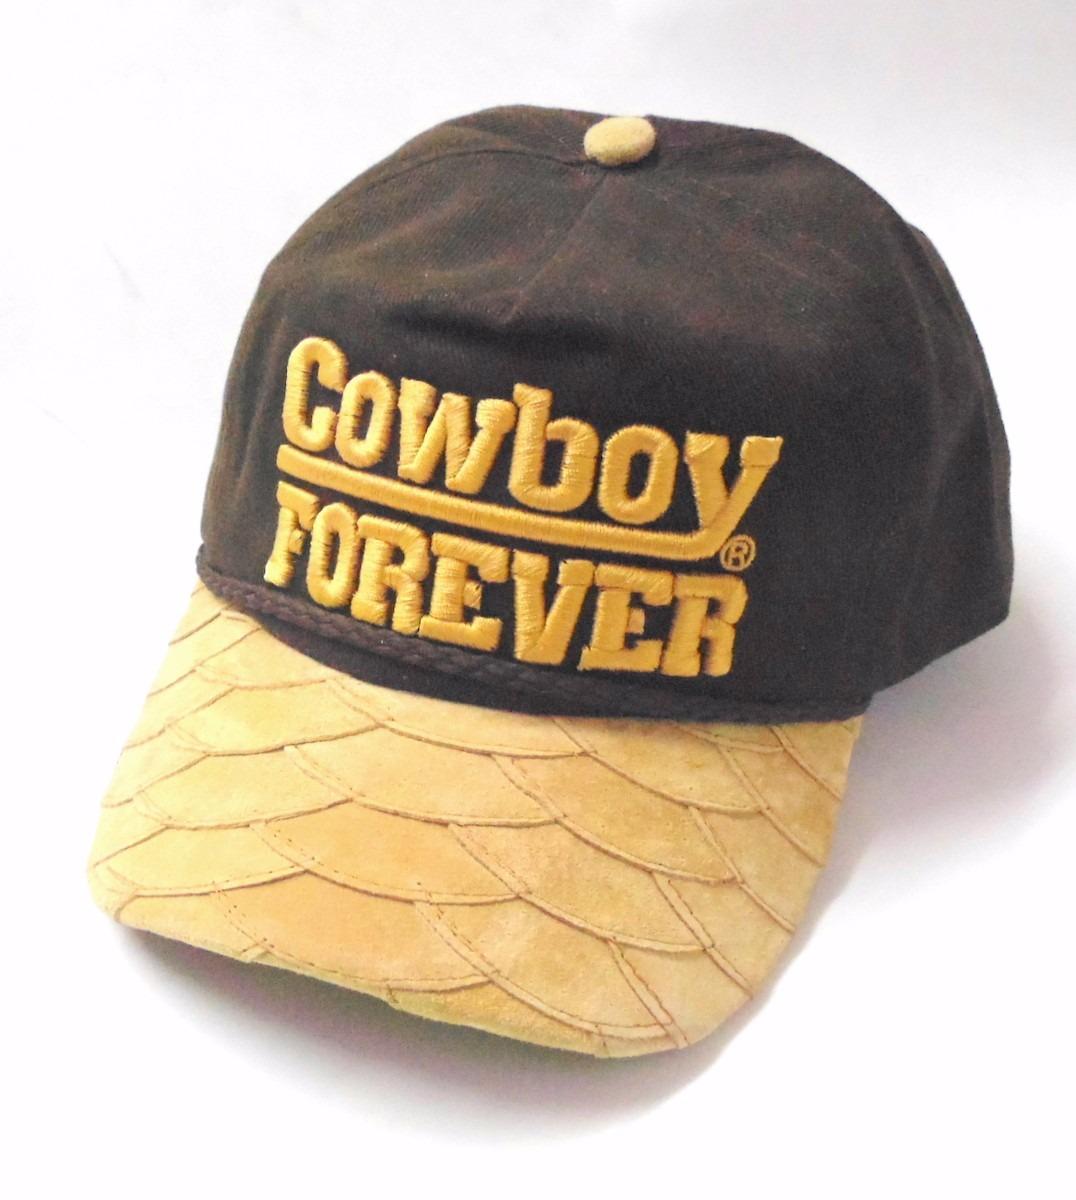 b84666c9ed5af boné cowboy forever aba de couro. Carregando zoom.